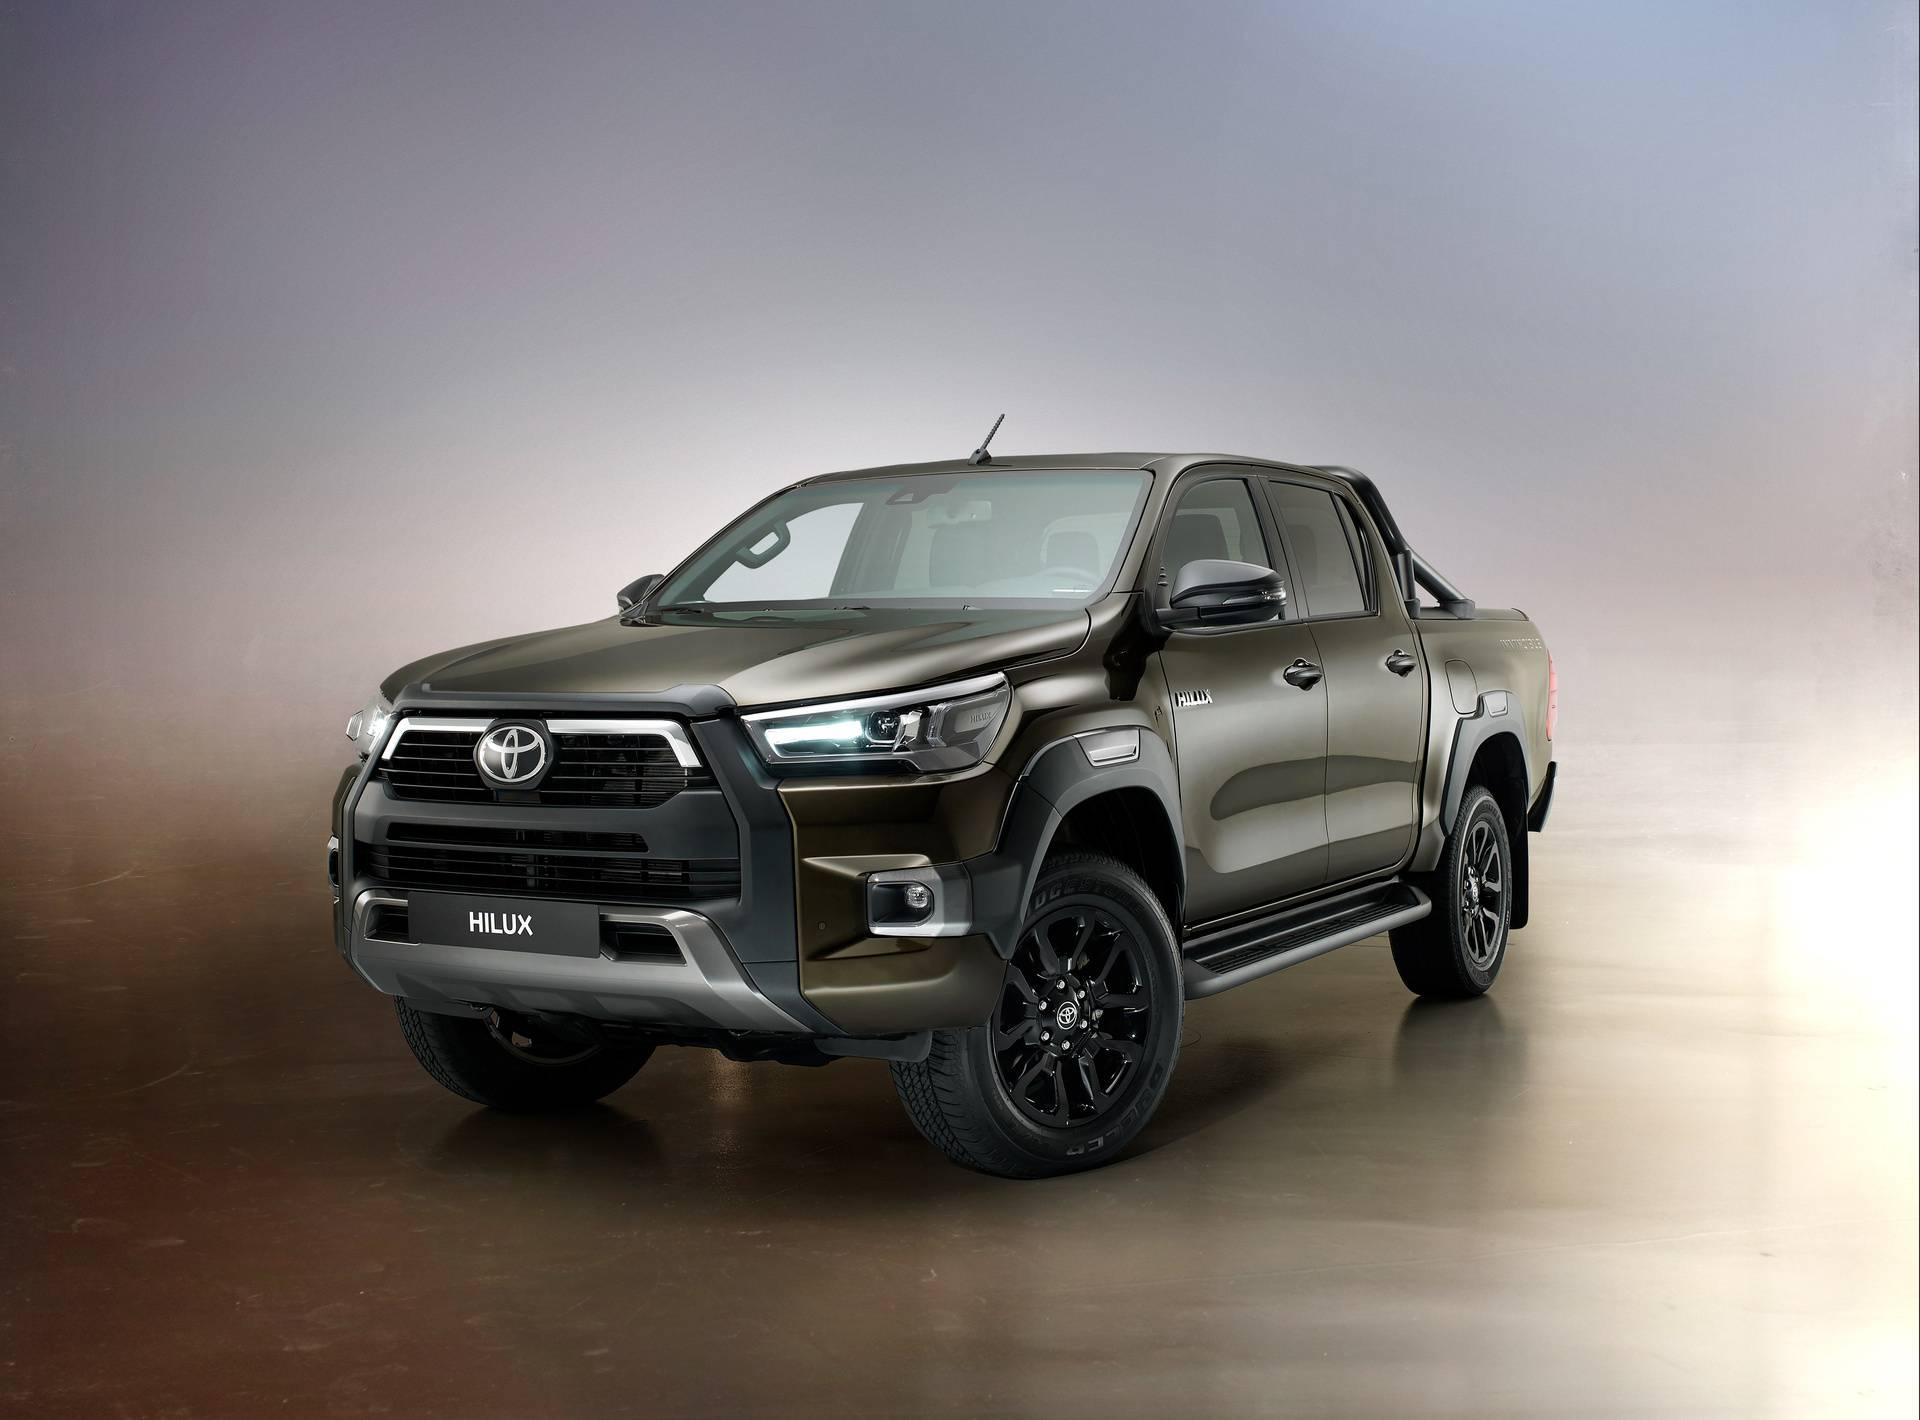 Kultni pick-up Toyota Hilux nakon redizajna ima novo lice